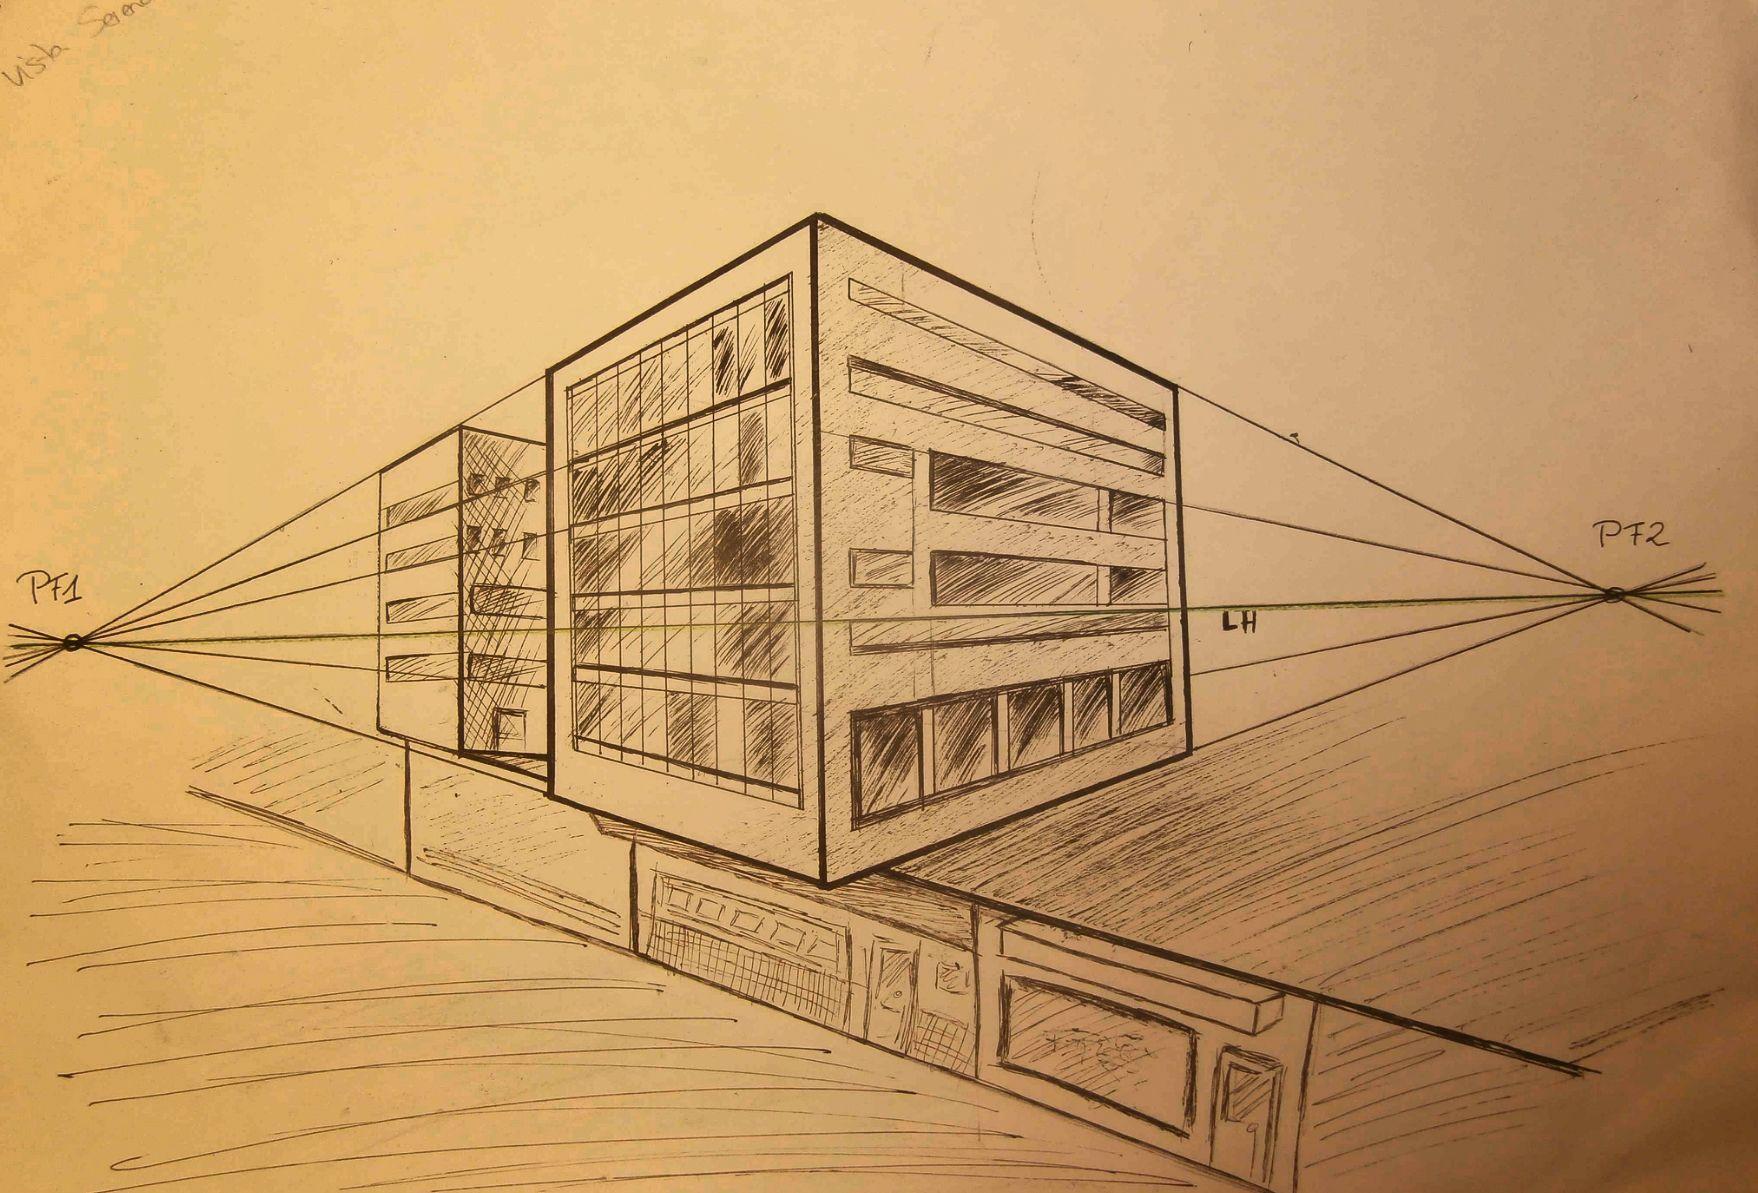 Es Un Apunte Urbano Dibujado A Plumilla En Perspectiva Conica Oblicua Con Dos Puntos De Fuga Pf1 Y Pf2 Donde Tambie Punto De Fuga Paisaje Urbano Perspectiva